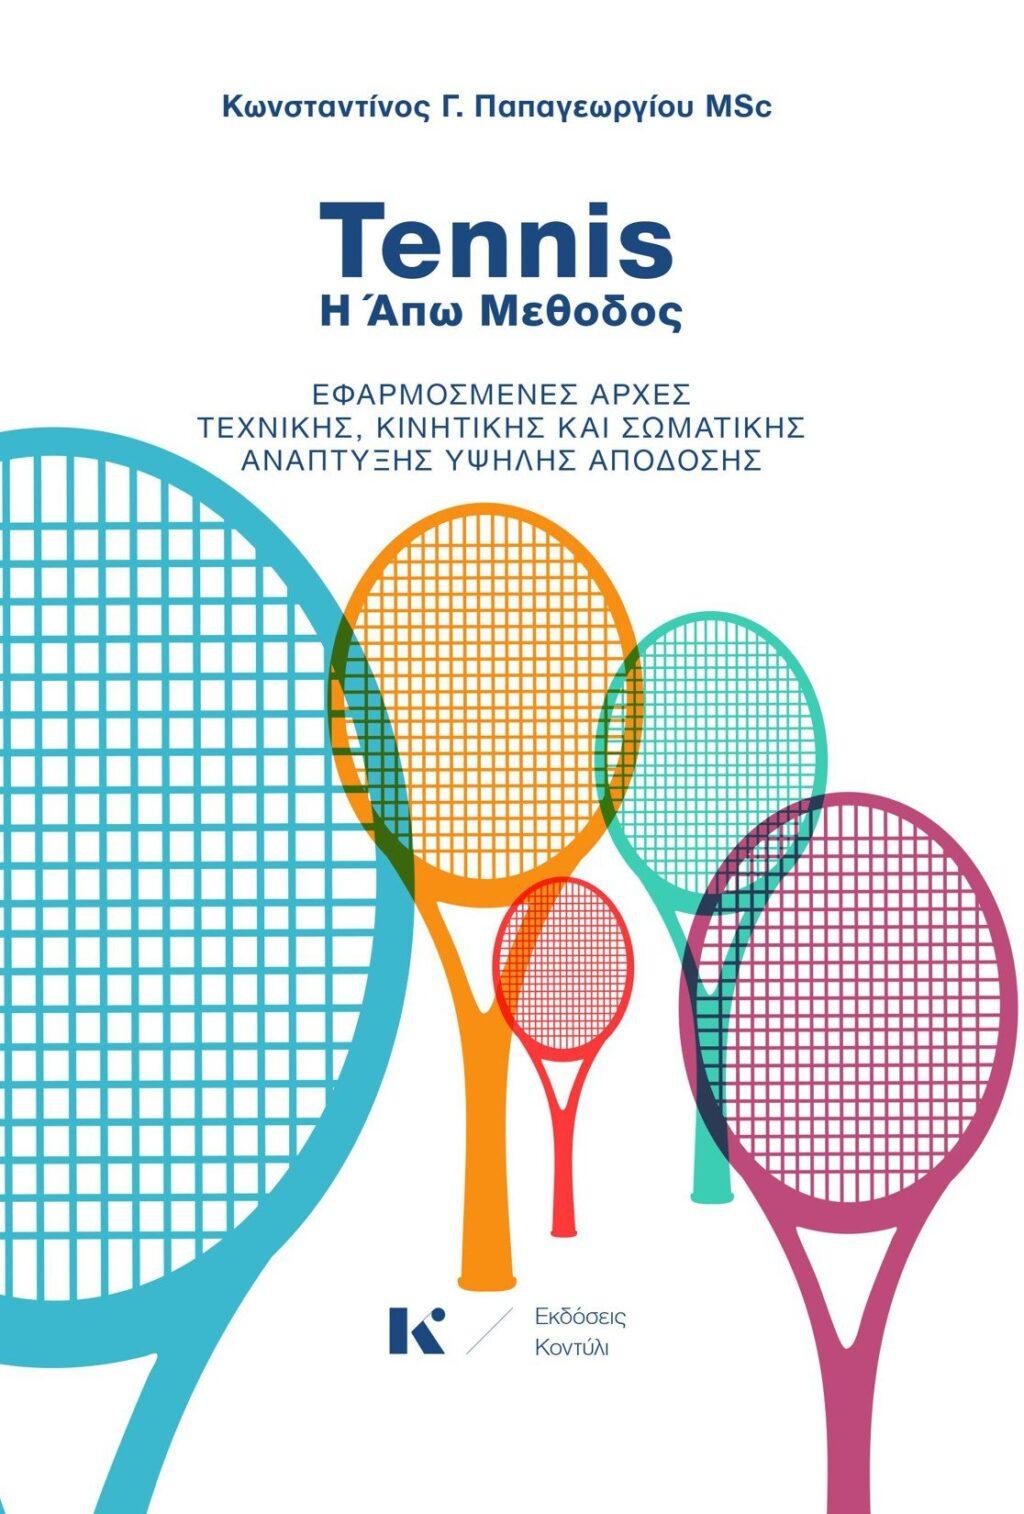 tenis-efarmosmenes-arches-technikis-kinitikis-ke-somatikis-anaptyxis-ypsilis-apodosis